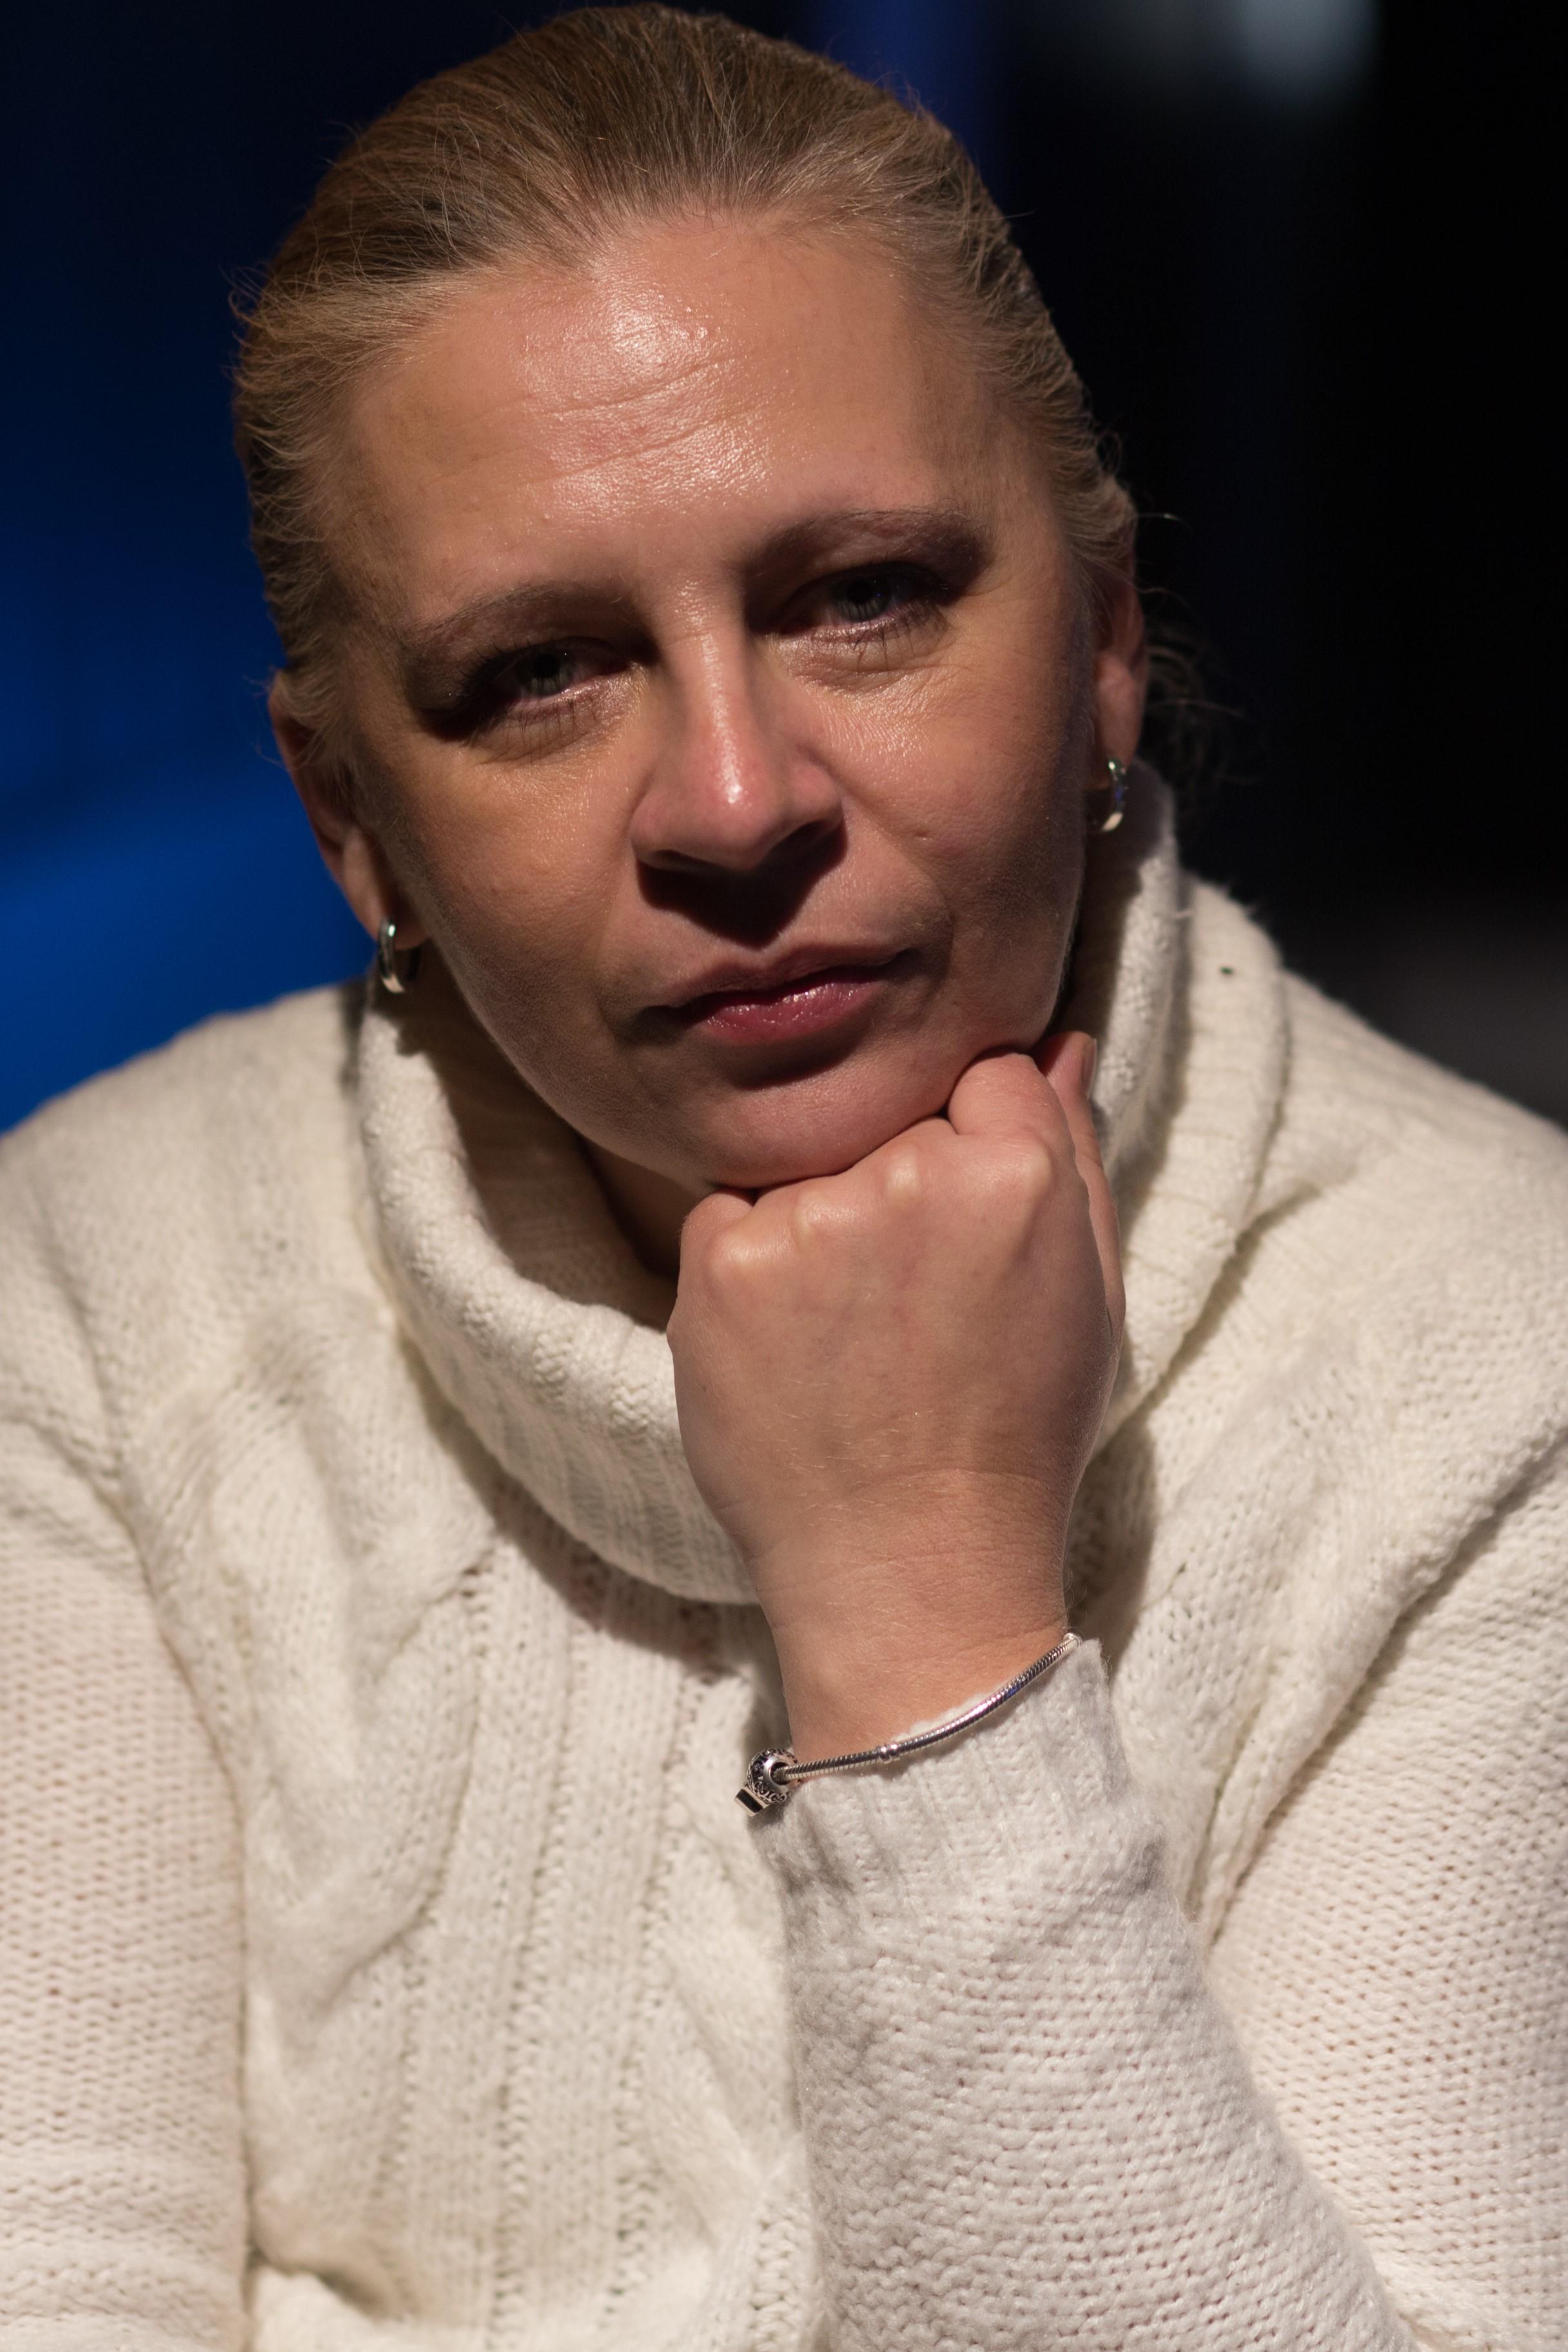 Teatr Miejski w Gliwicach_ Ewa Zug_ fot. Darek Trześniowski